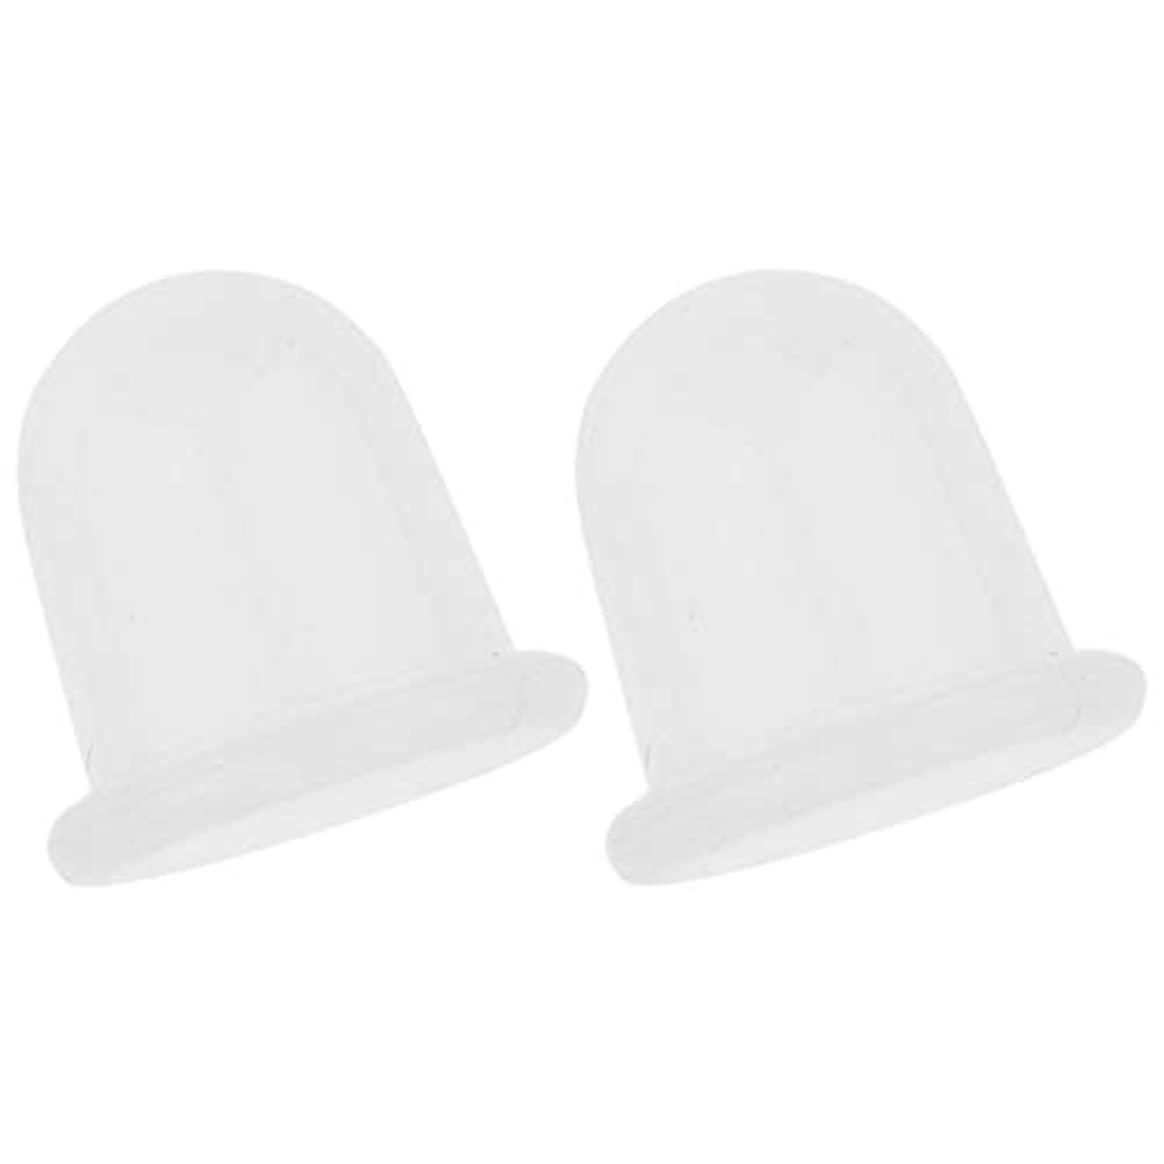 差し引く気づく誓うsharprepublic ボディー ビューティーストレス 空カップ 吸い玉 真空カッピングカップ 持ち運び 可能 汎用 2個入り